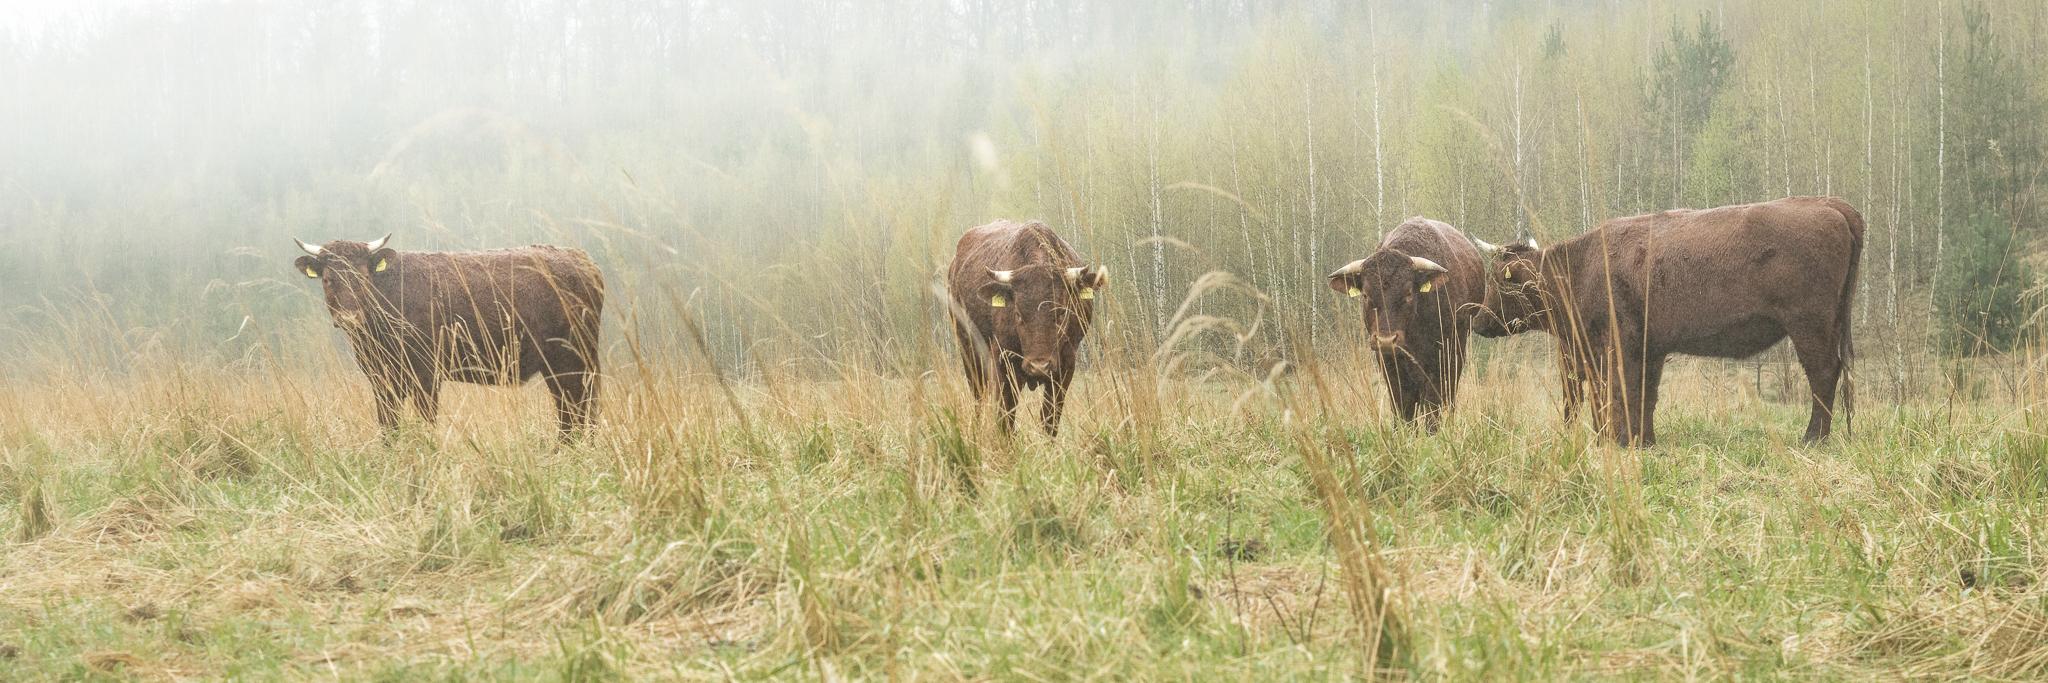 Ein Bulle, drei Kühe.